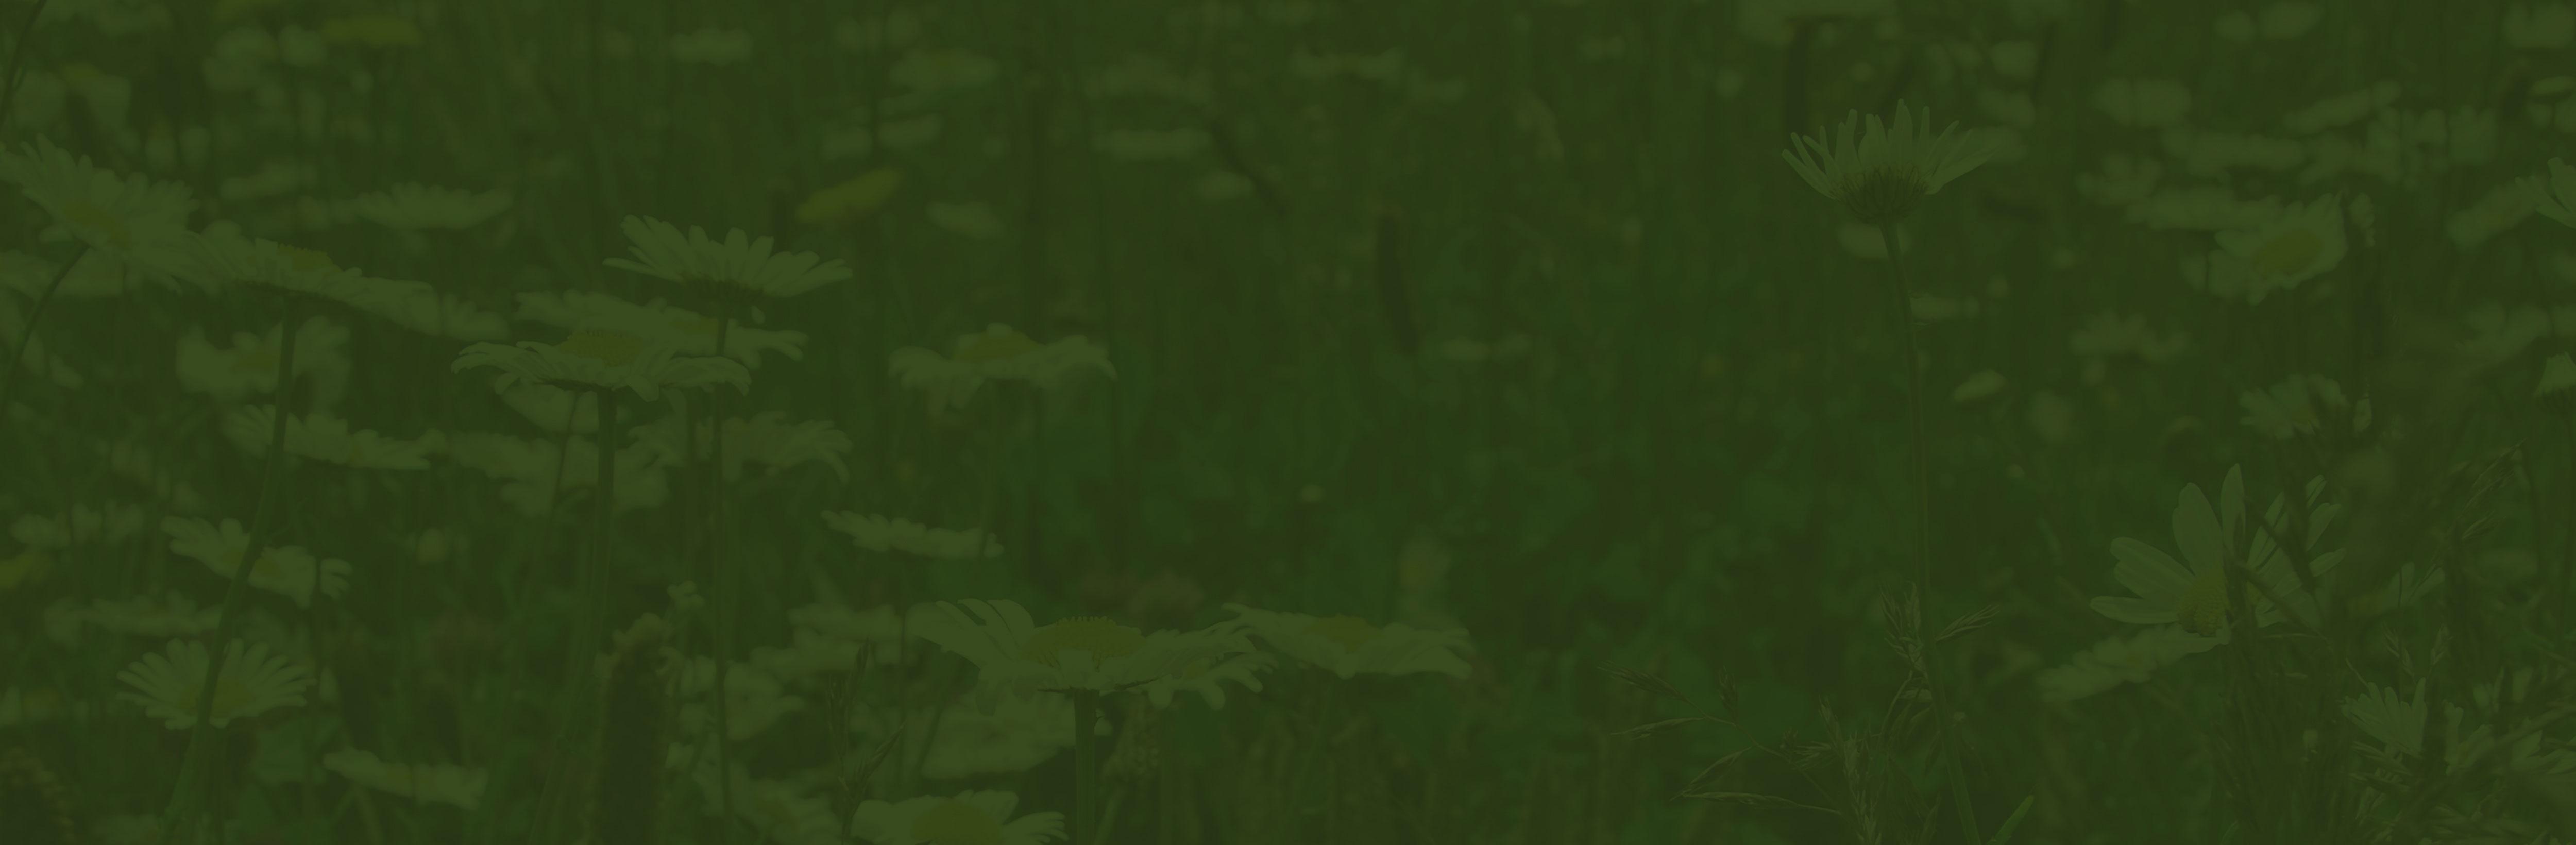 Vegetačné koberce | Skalničky - Tráva - Byliny - MIX | Strešné substráty